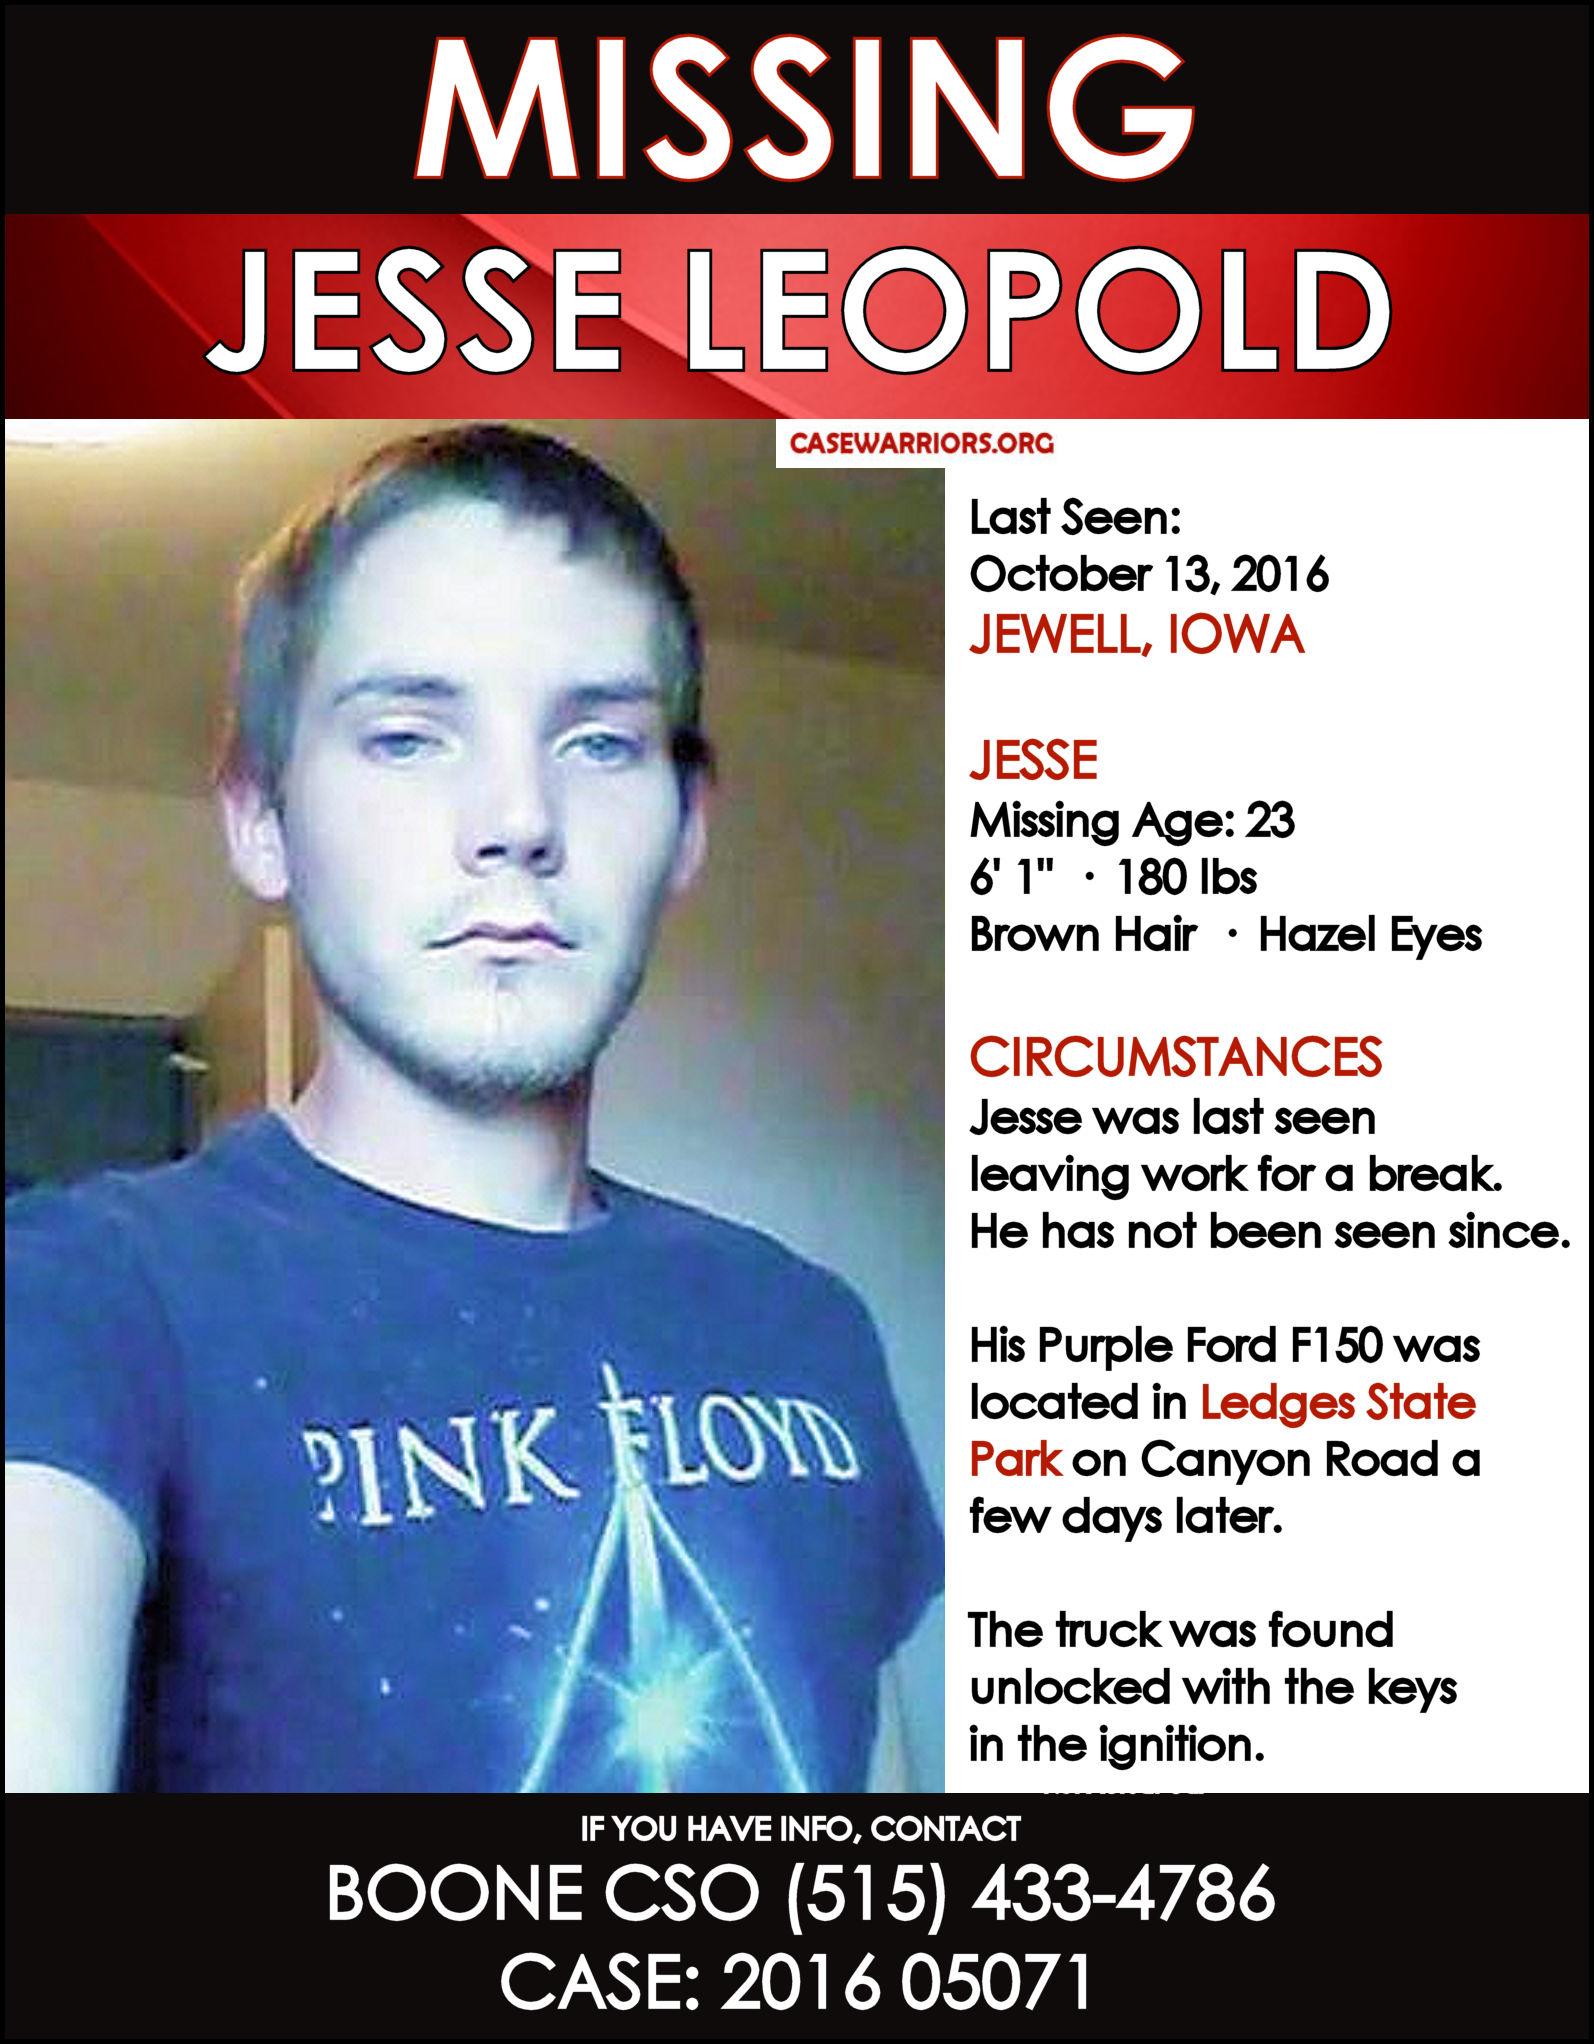 JESSE LEOPOLD